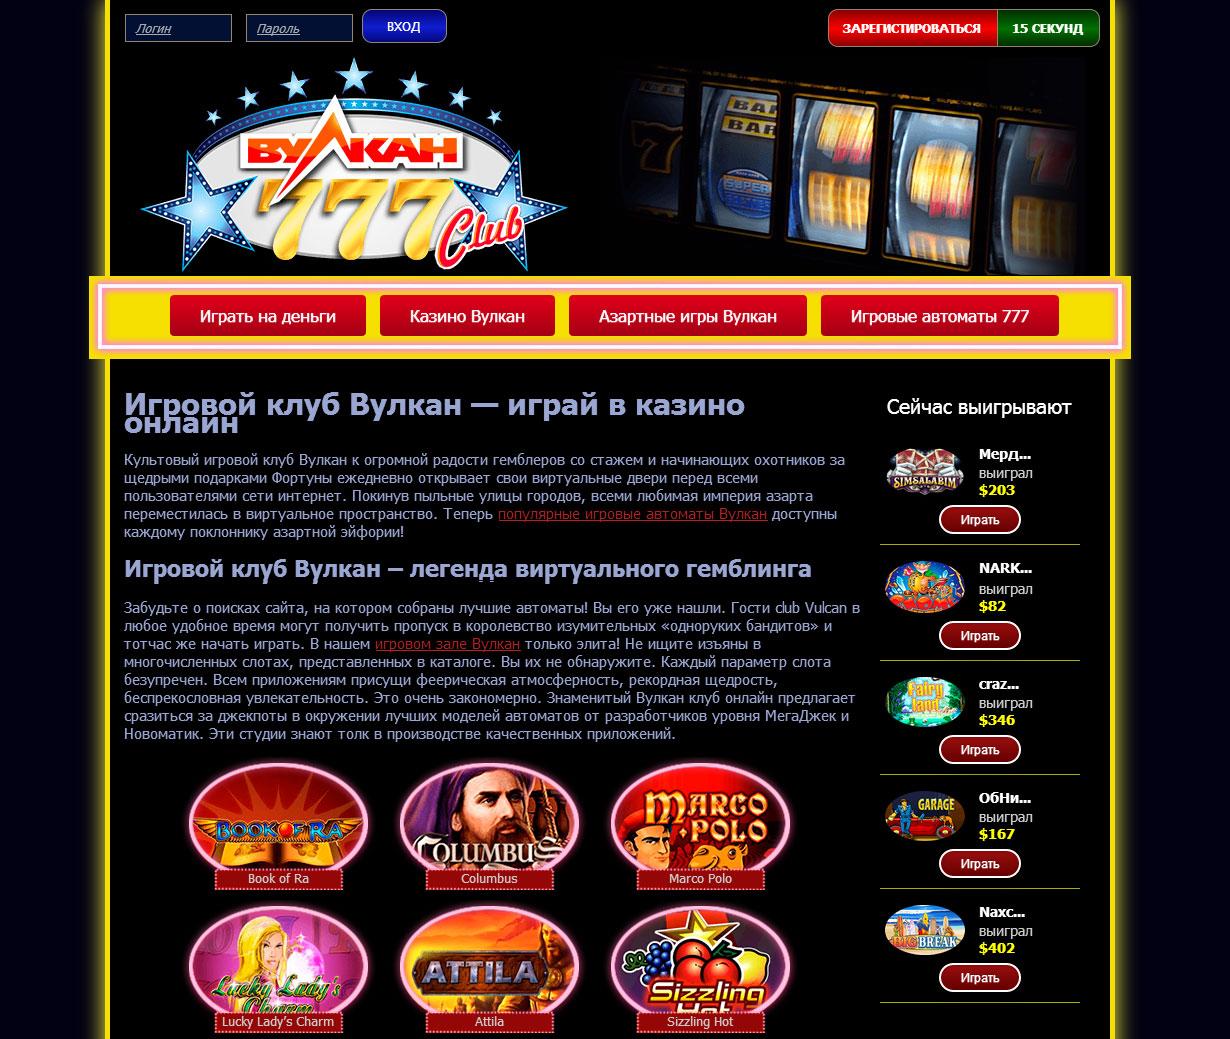 Игровой клуб Вулкан — играй в казино онлайн